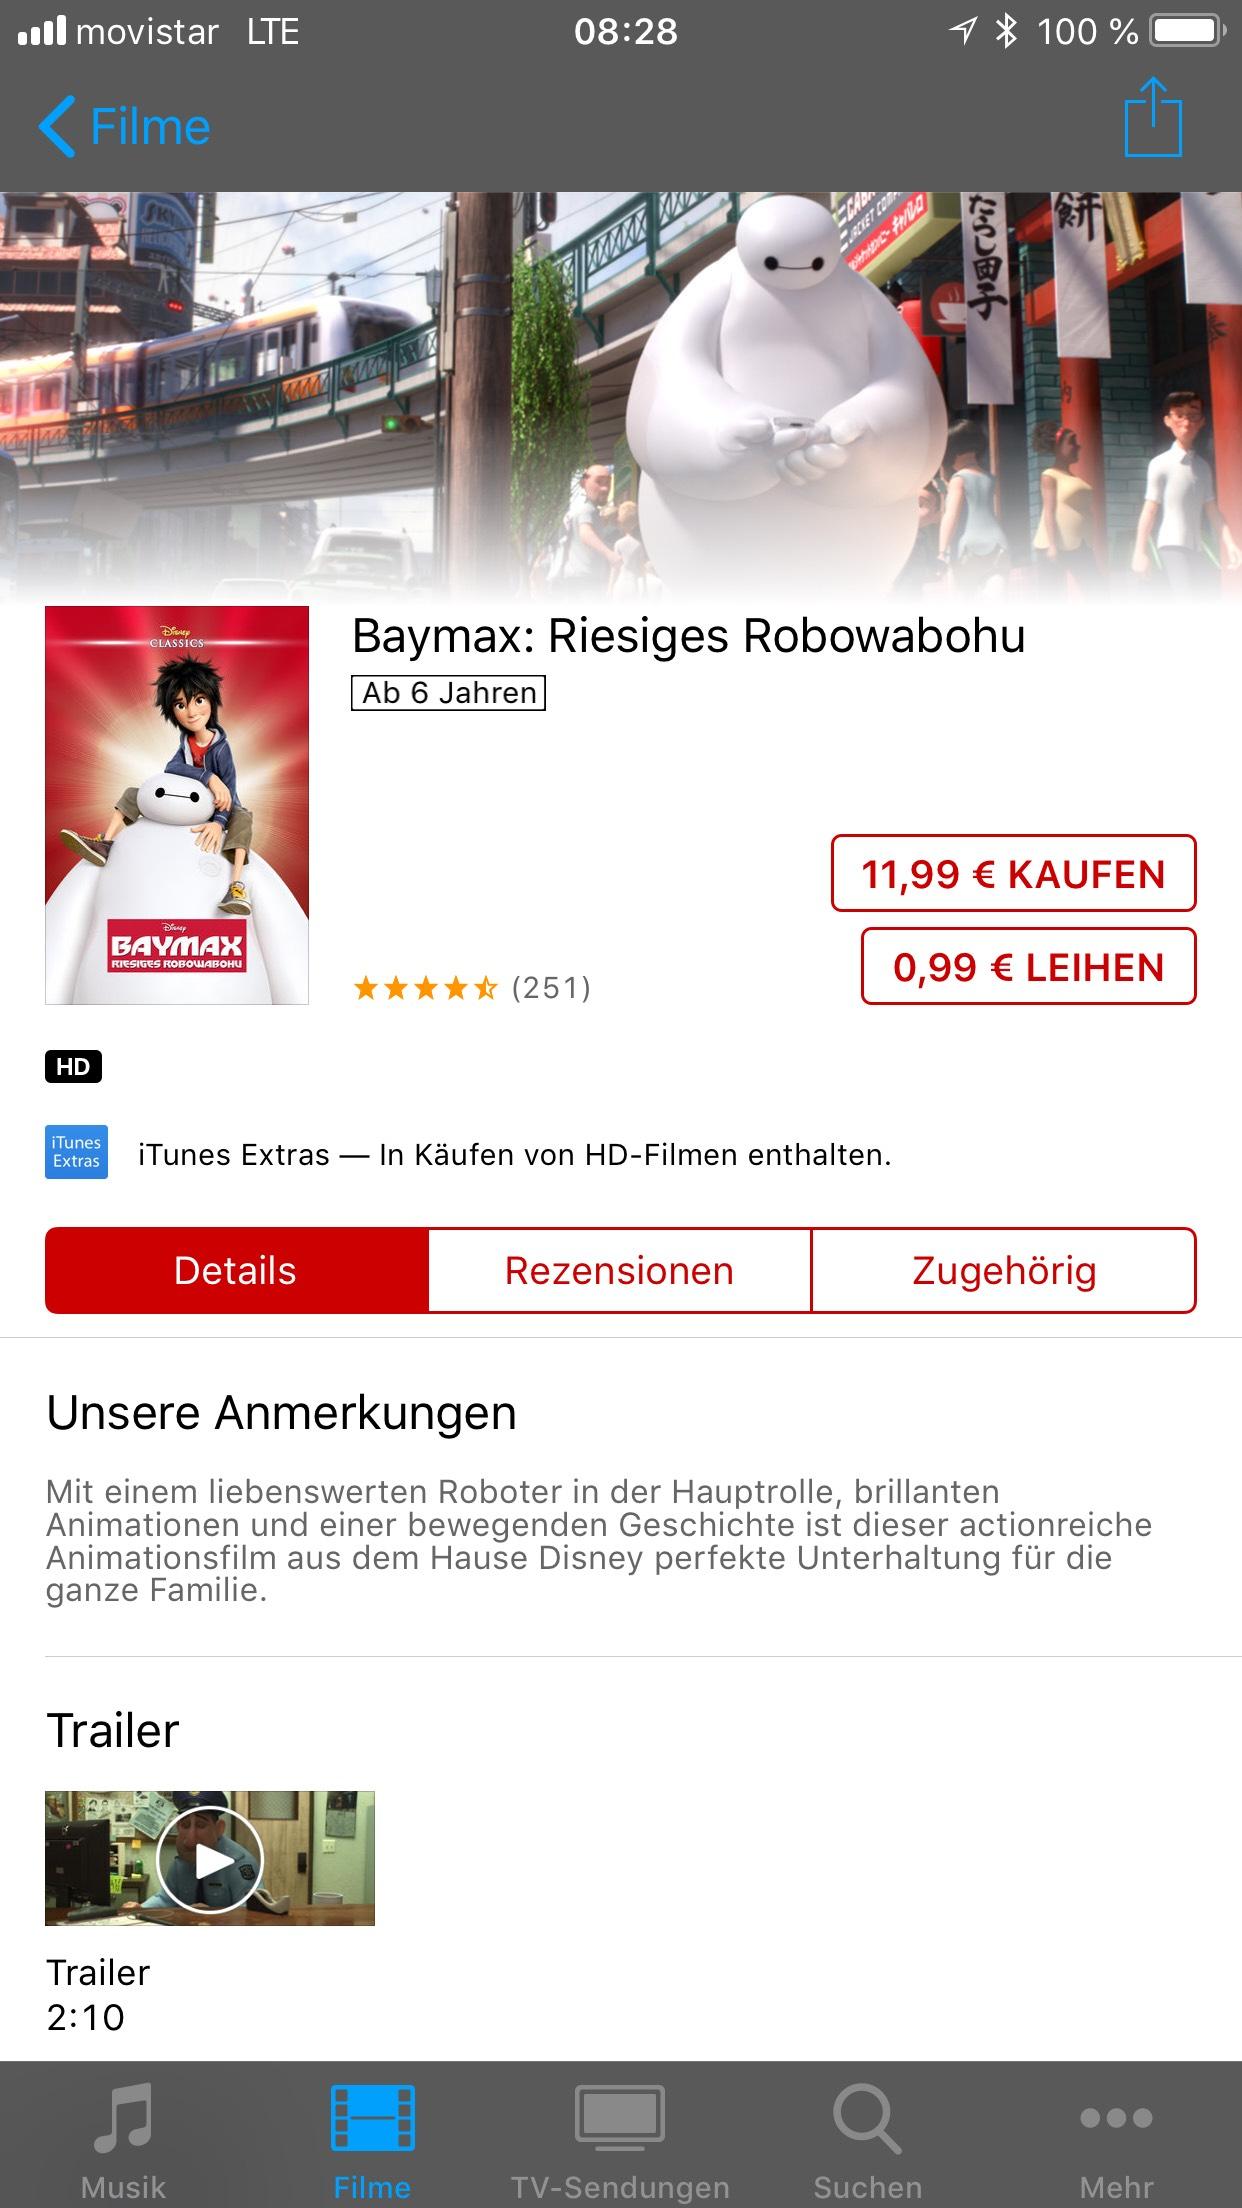 [iTunes] Baymax: Riesiges Robohwabohu  HD für 0,99 Cent zum leihen